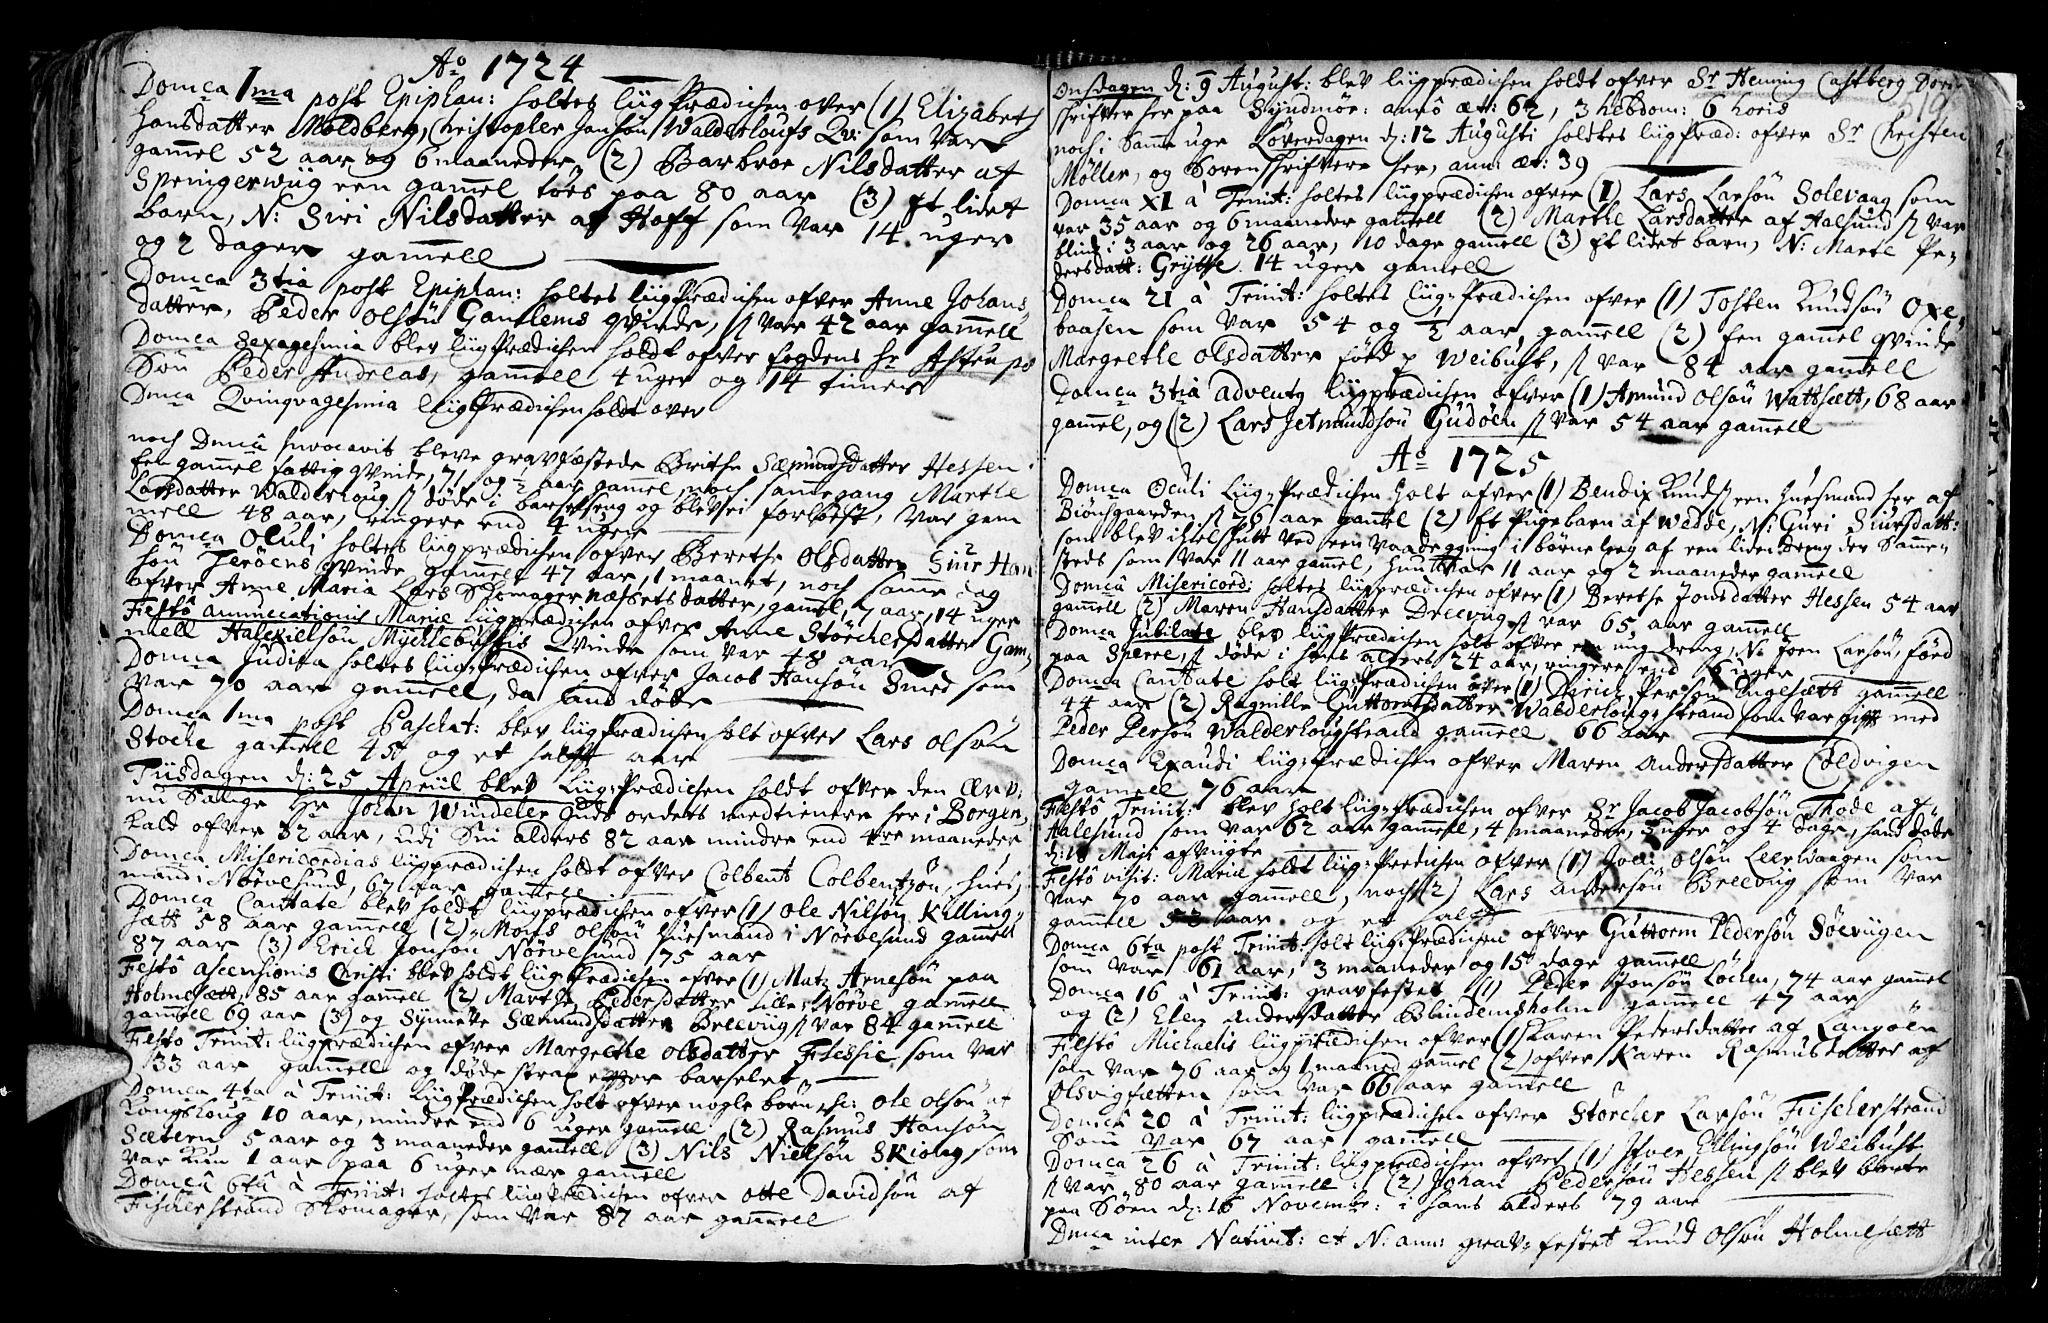 SAT, Ministerialprotokoller, klokkerbøker og fødselsregistre - Møre og Romsdal, 528/L0390: Ministerialbok nr. 528A01, 1698-1739, s. 518-519